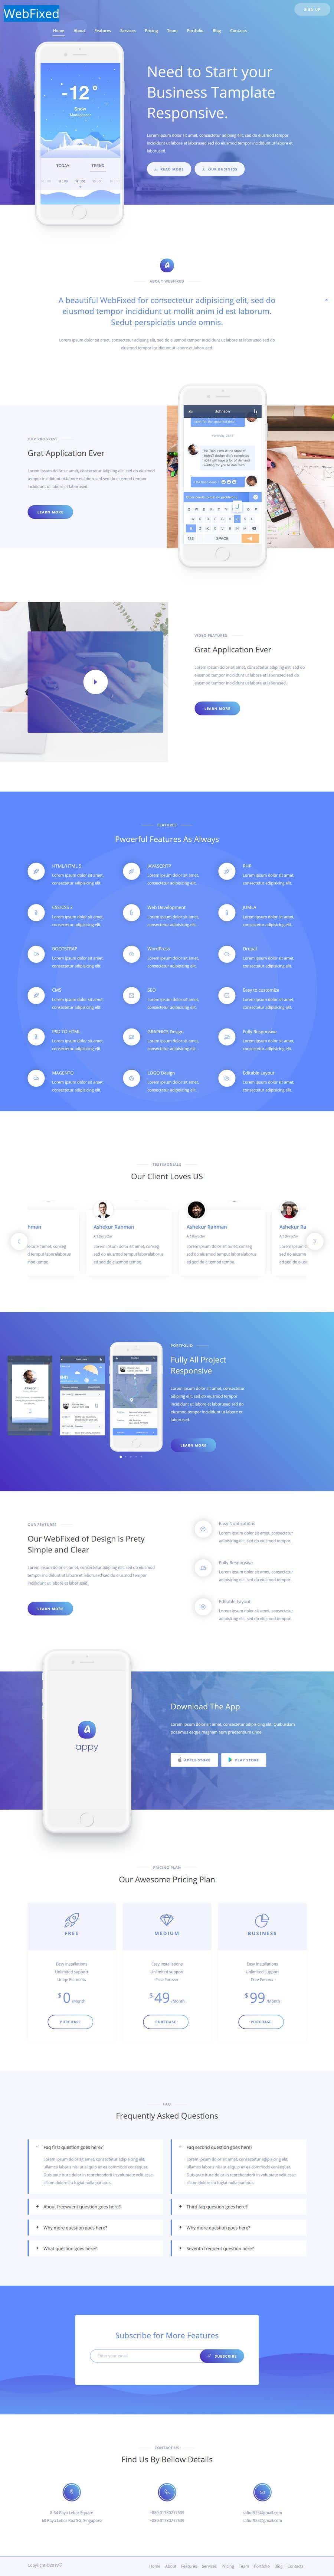 Bài tham dự cuộc thi #15 cho Design mobile and web app